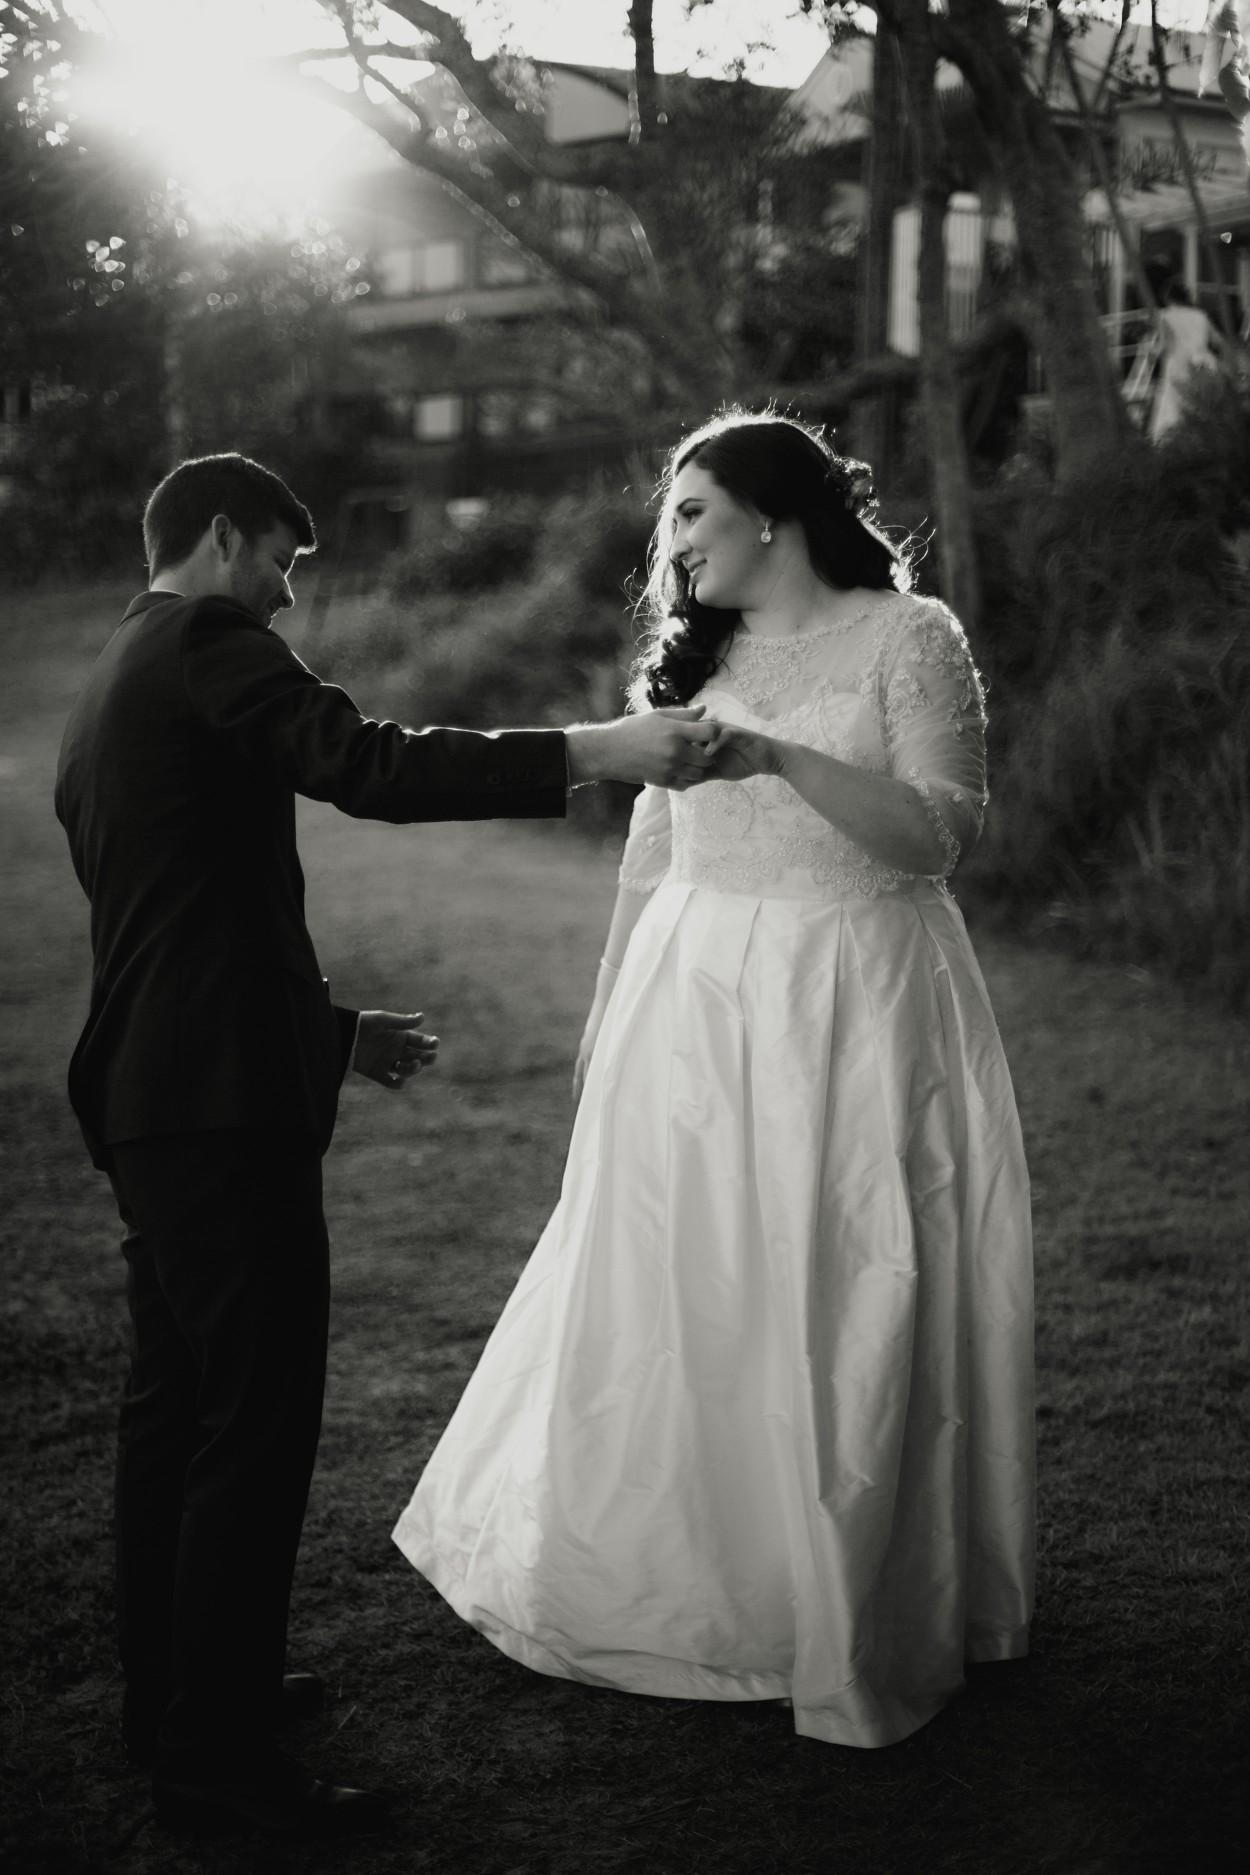 I-Got-You-Babe-&-Co.-Wedding-Photographers-Jazza007.jpg